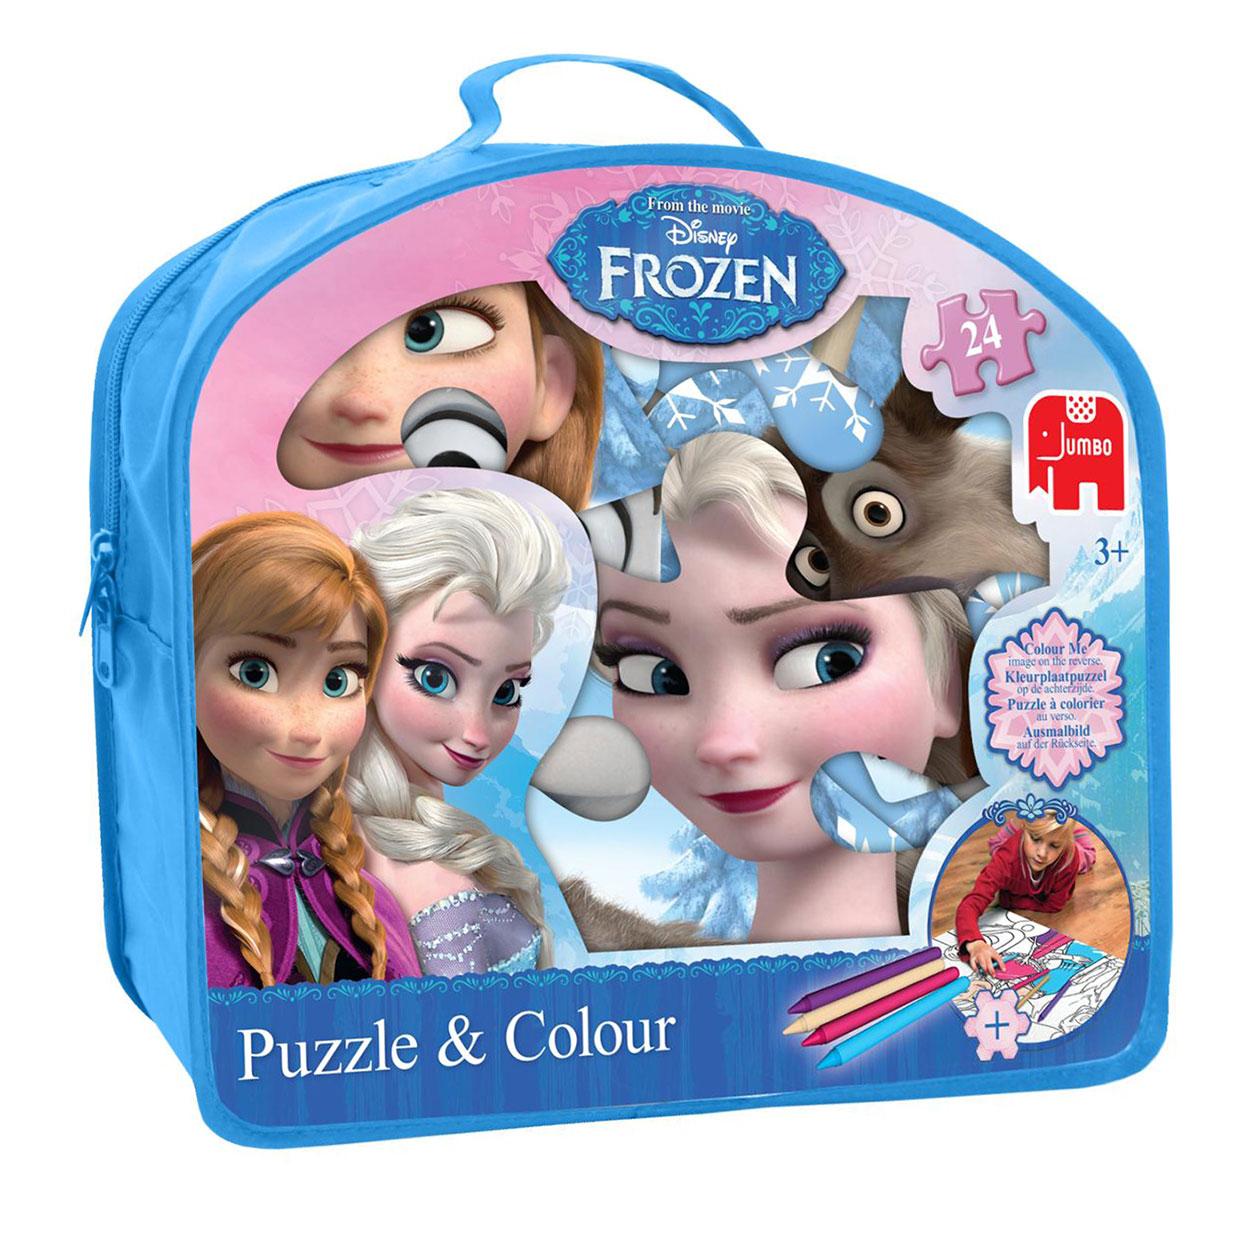 Disney Frozen Amp Puzzle Coloring Page Thimble Toys